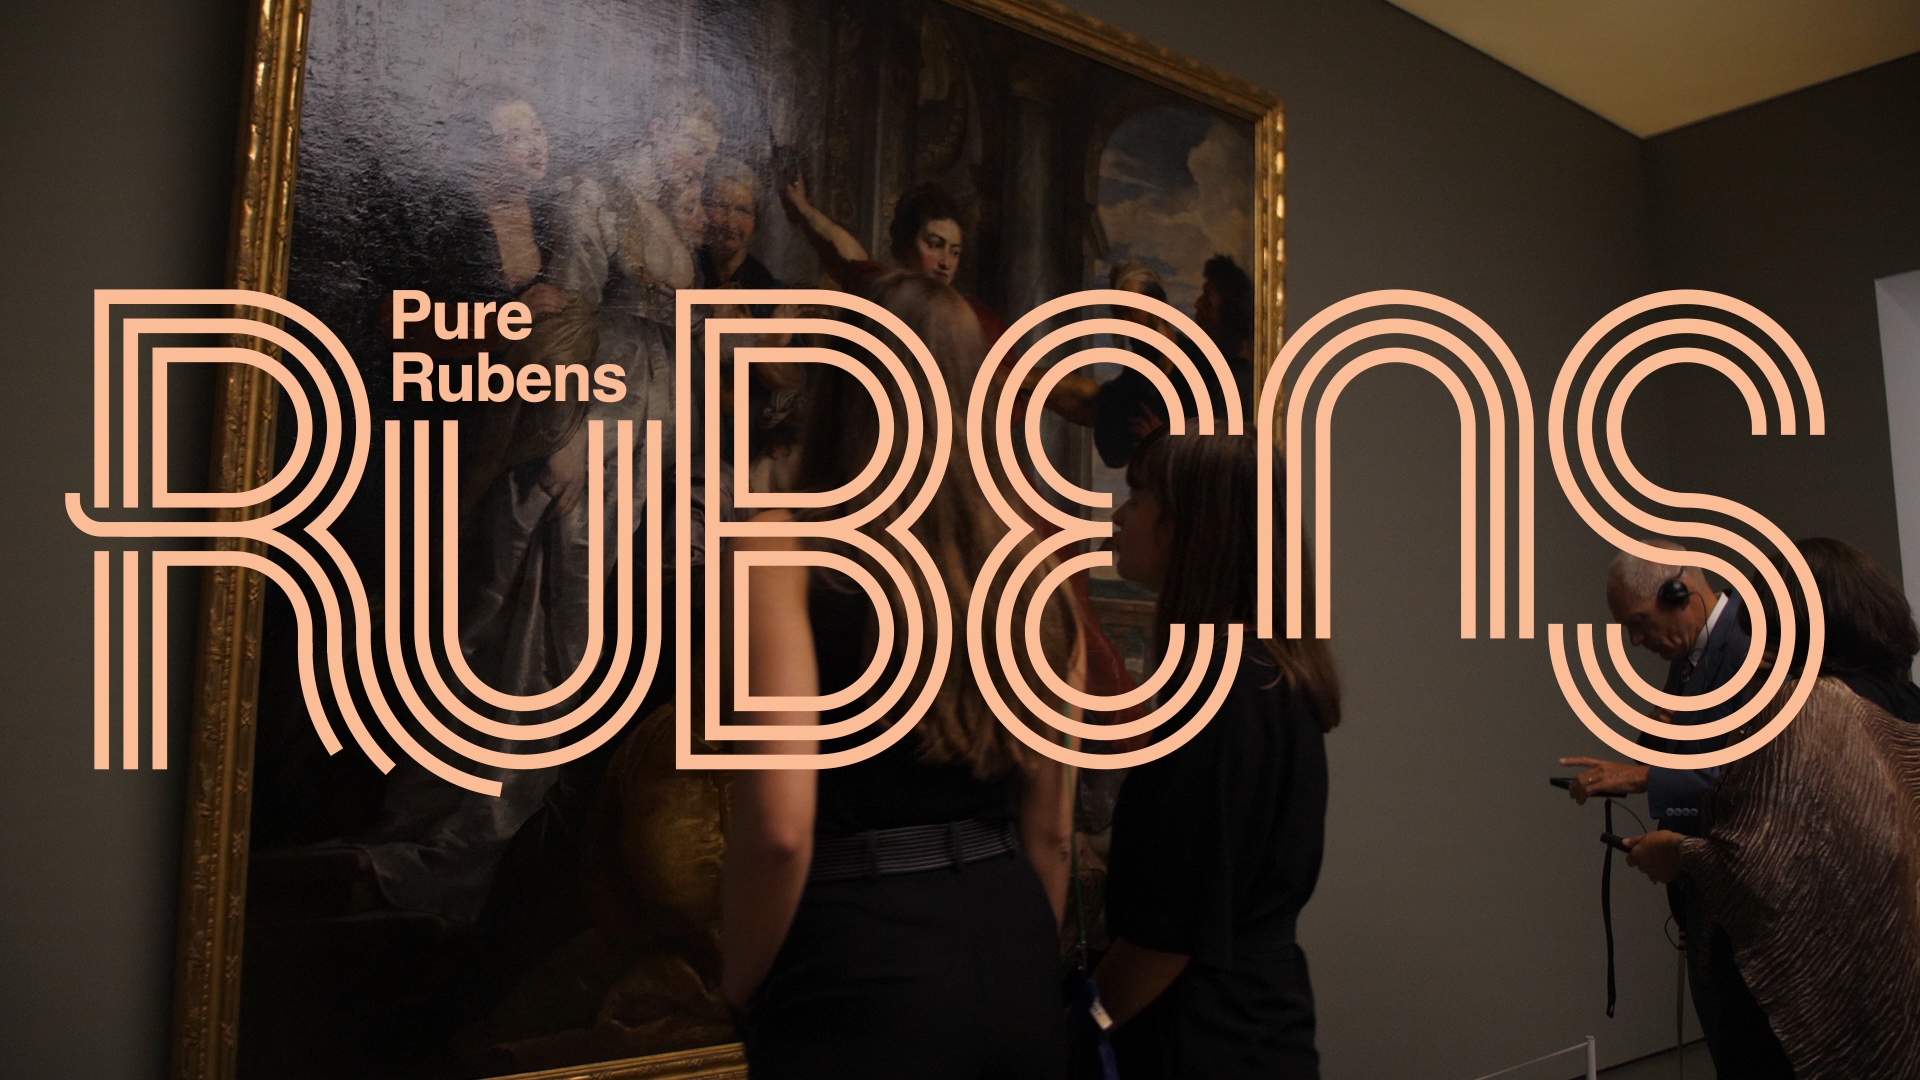 Pure Rubens